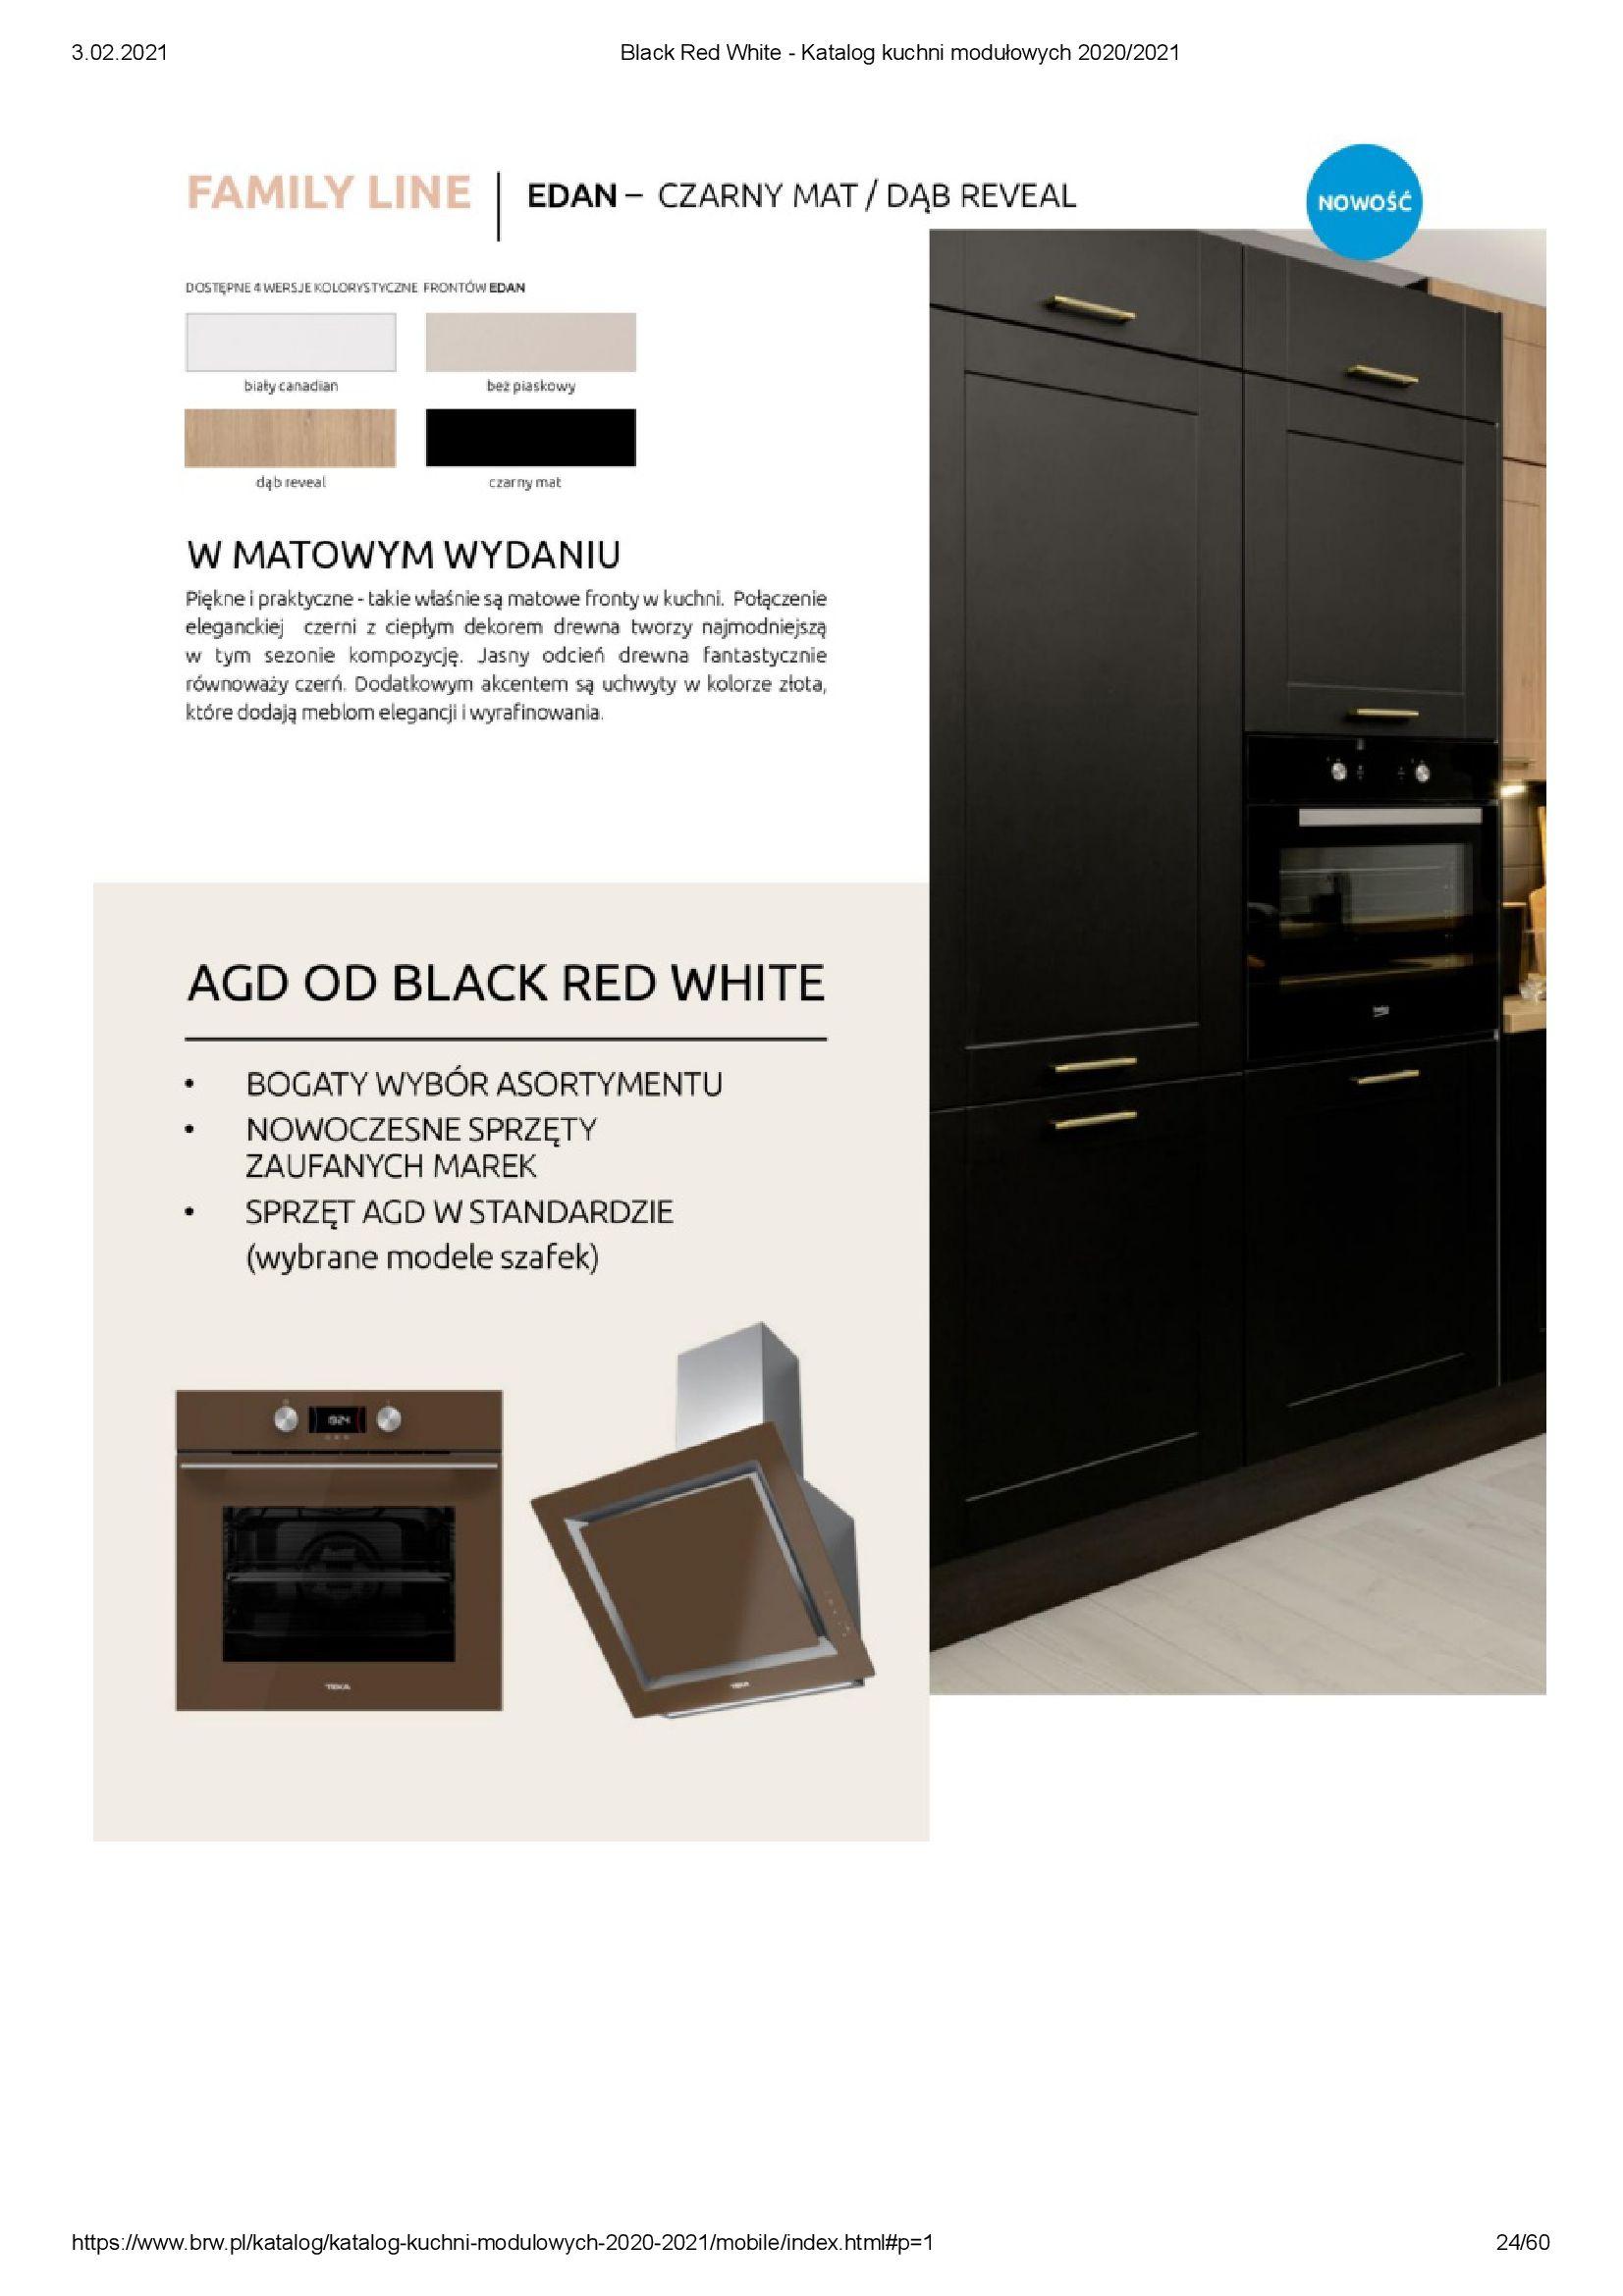 Gazetka Black Red White: Katalog - Kuchnie modułowe 2020/2021 2021-01-01 page-24